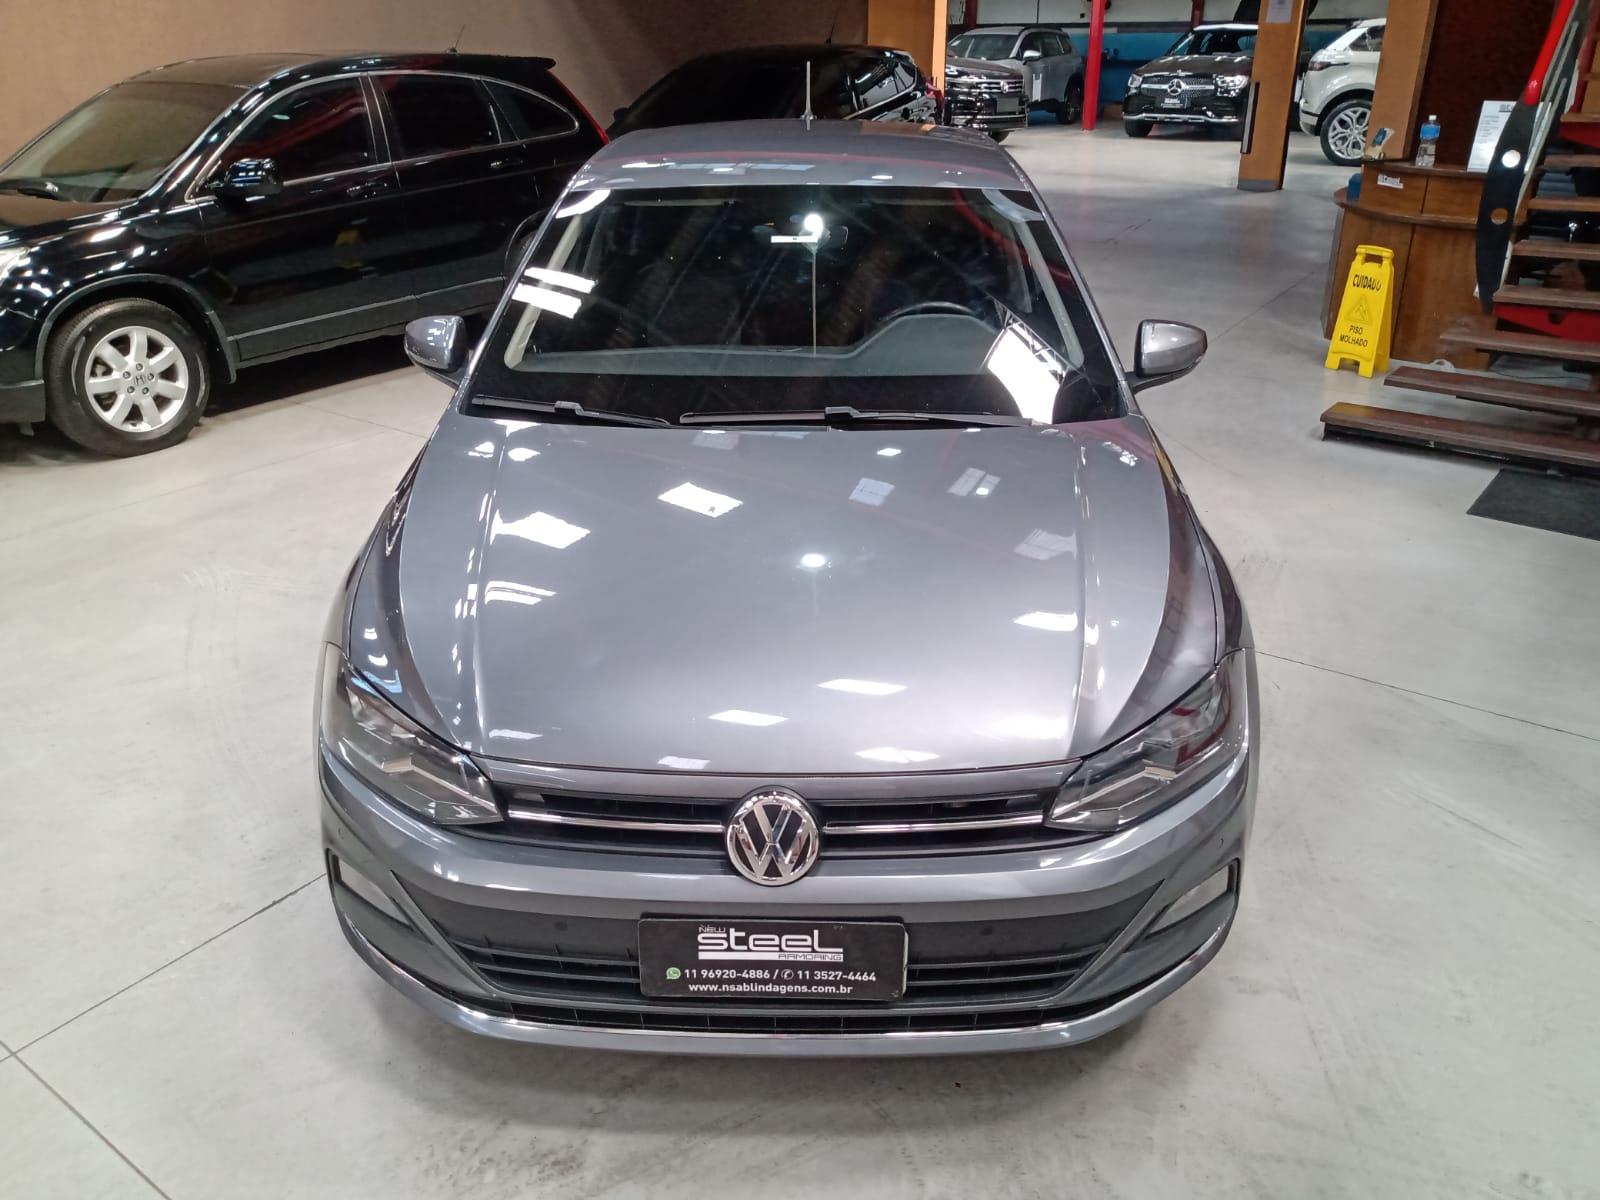 Volkswagen Polo Blindado